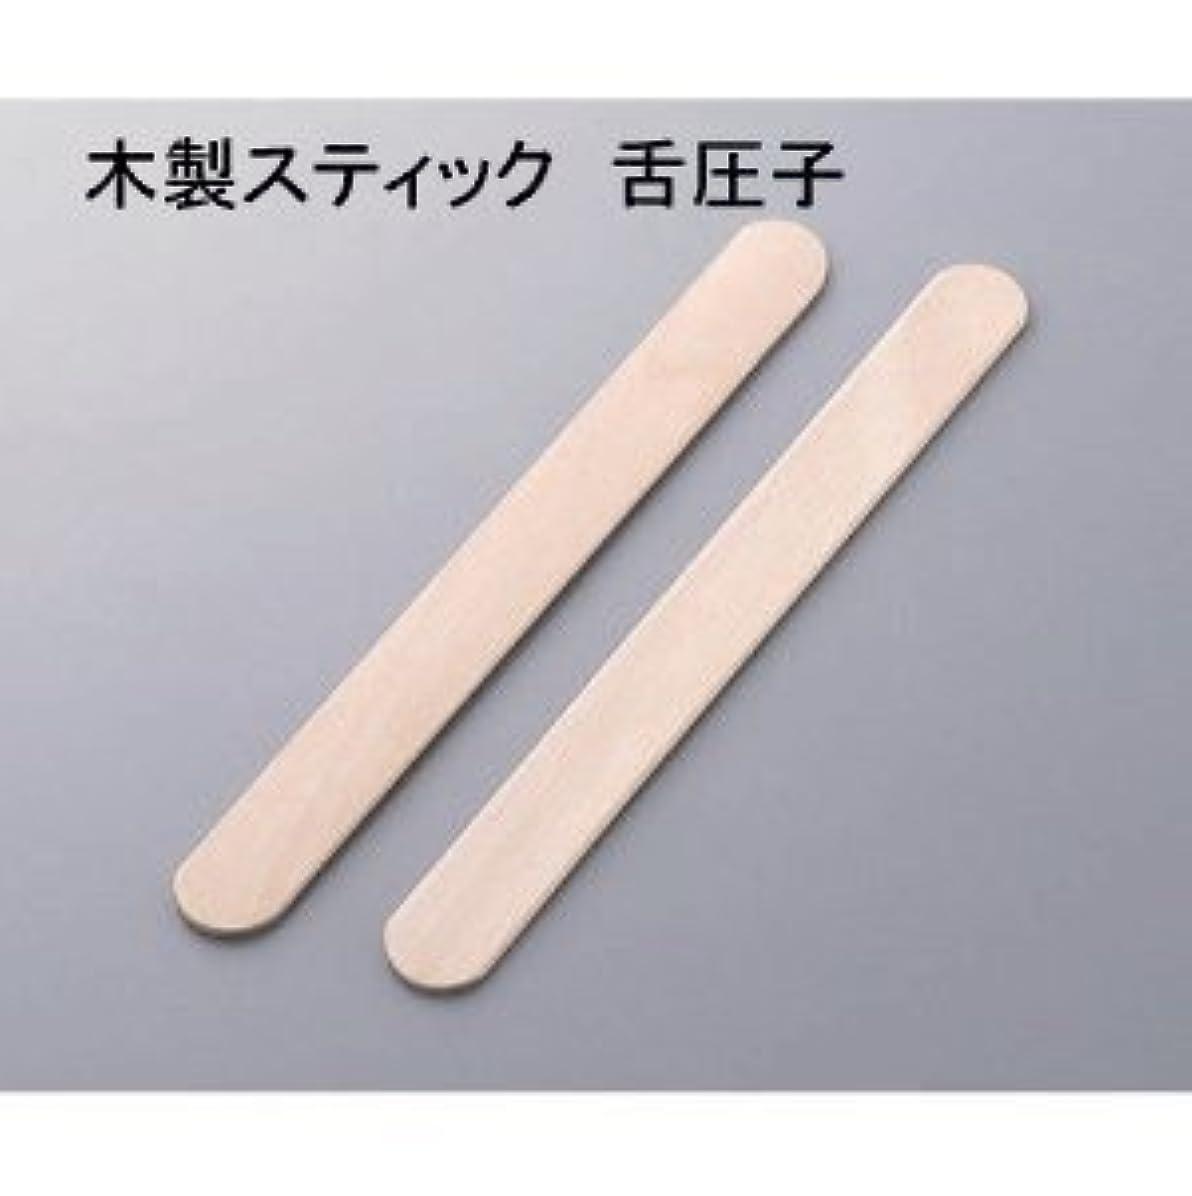 の面では驚いた塩木製舌圧子150mm スパチュラ 脱毛 ハダカ 6000本(50本x120束)